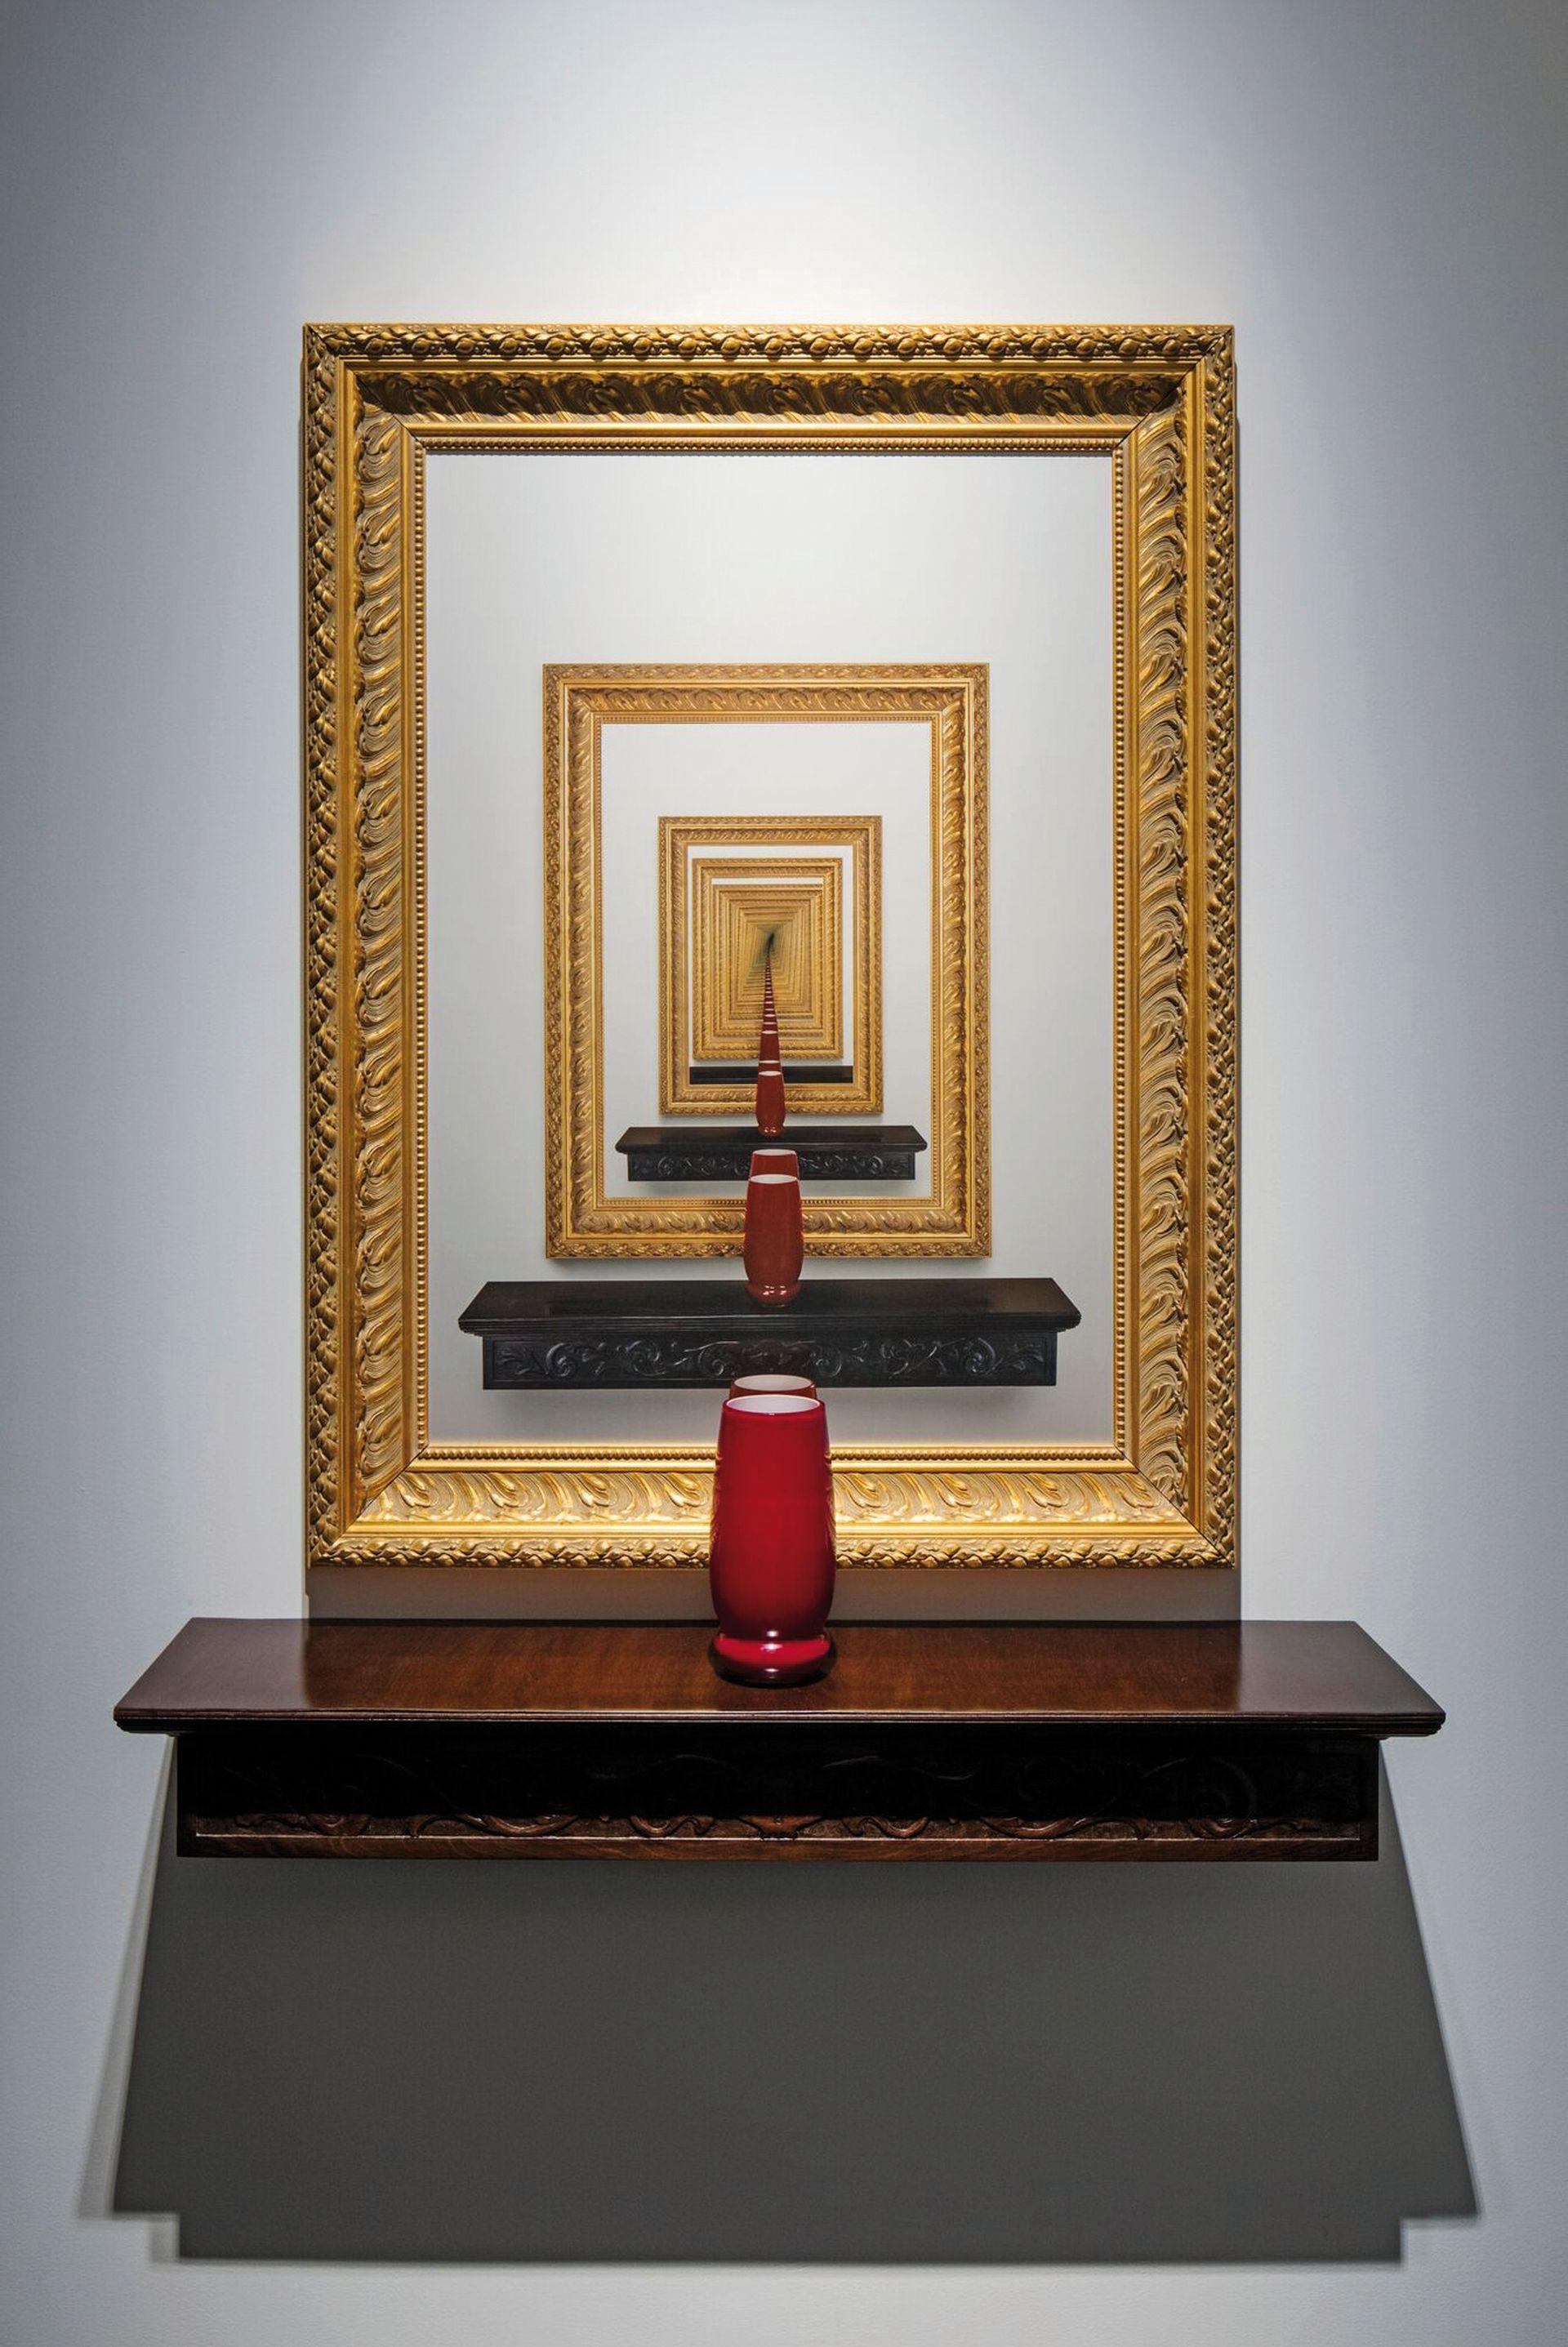 Cadres Dorés (2008), una de las obras que exhibirá el Malba